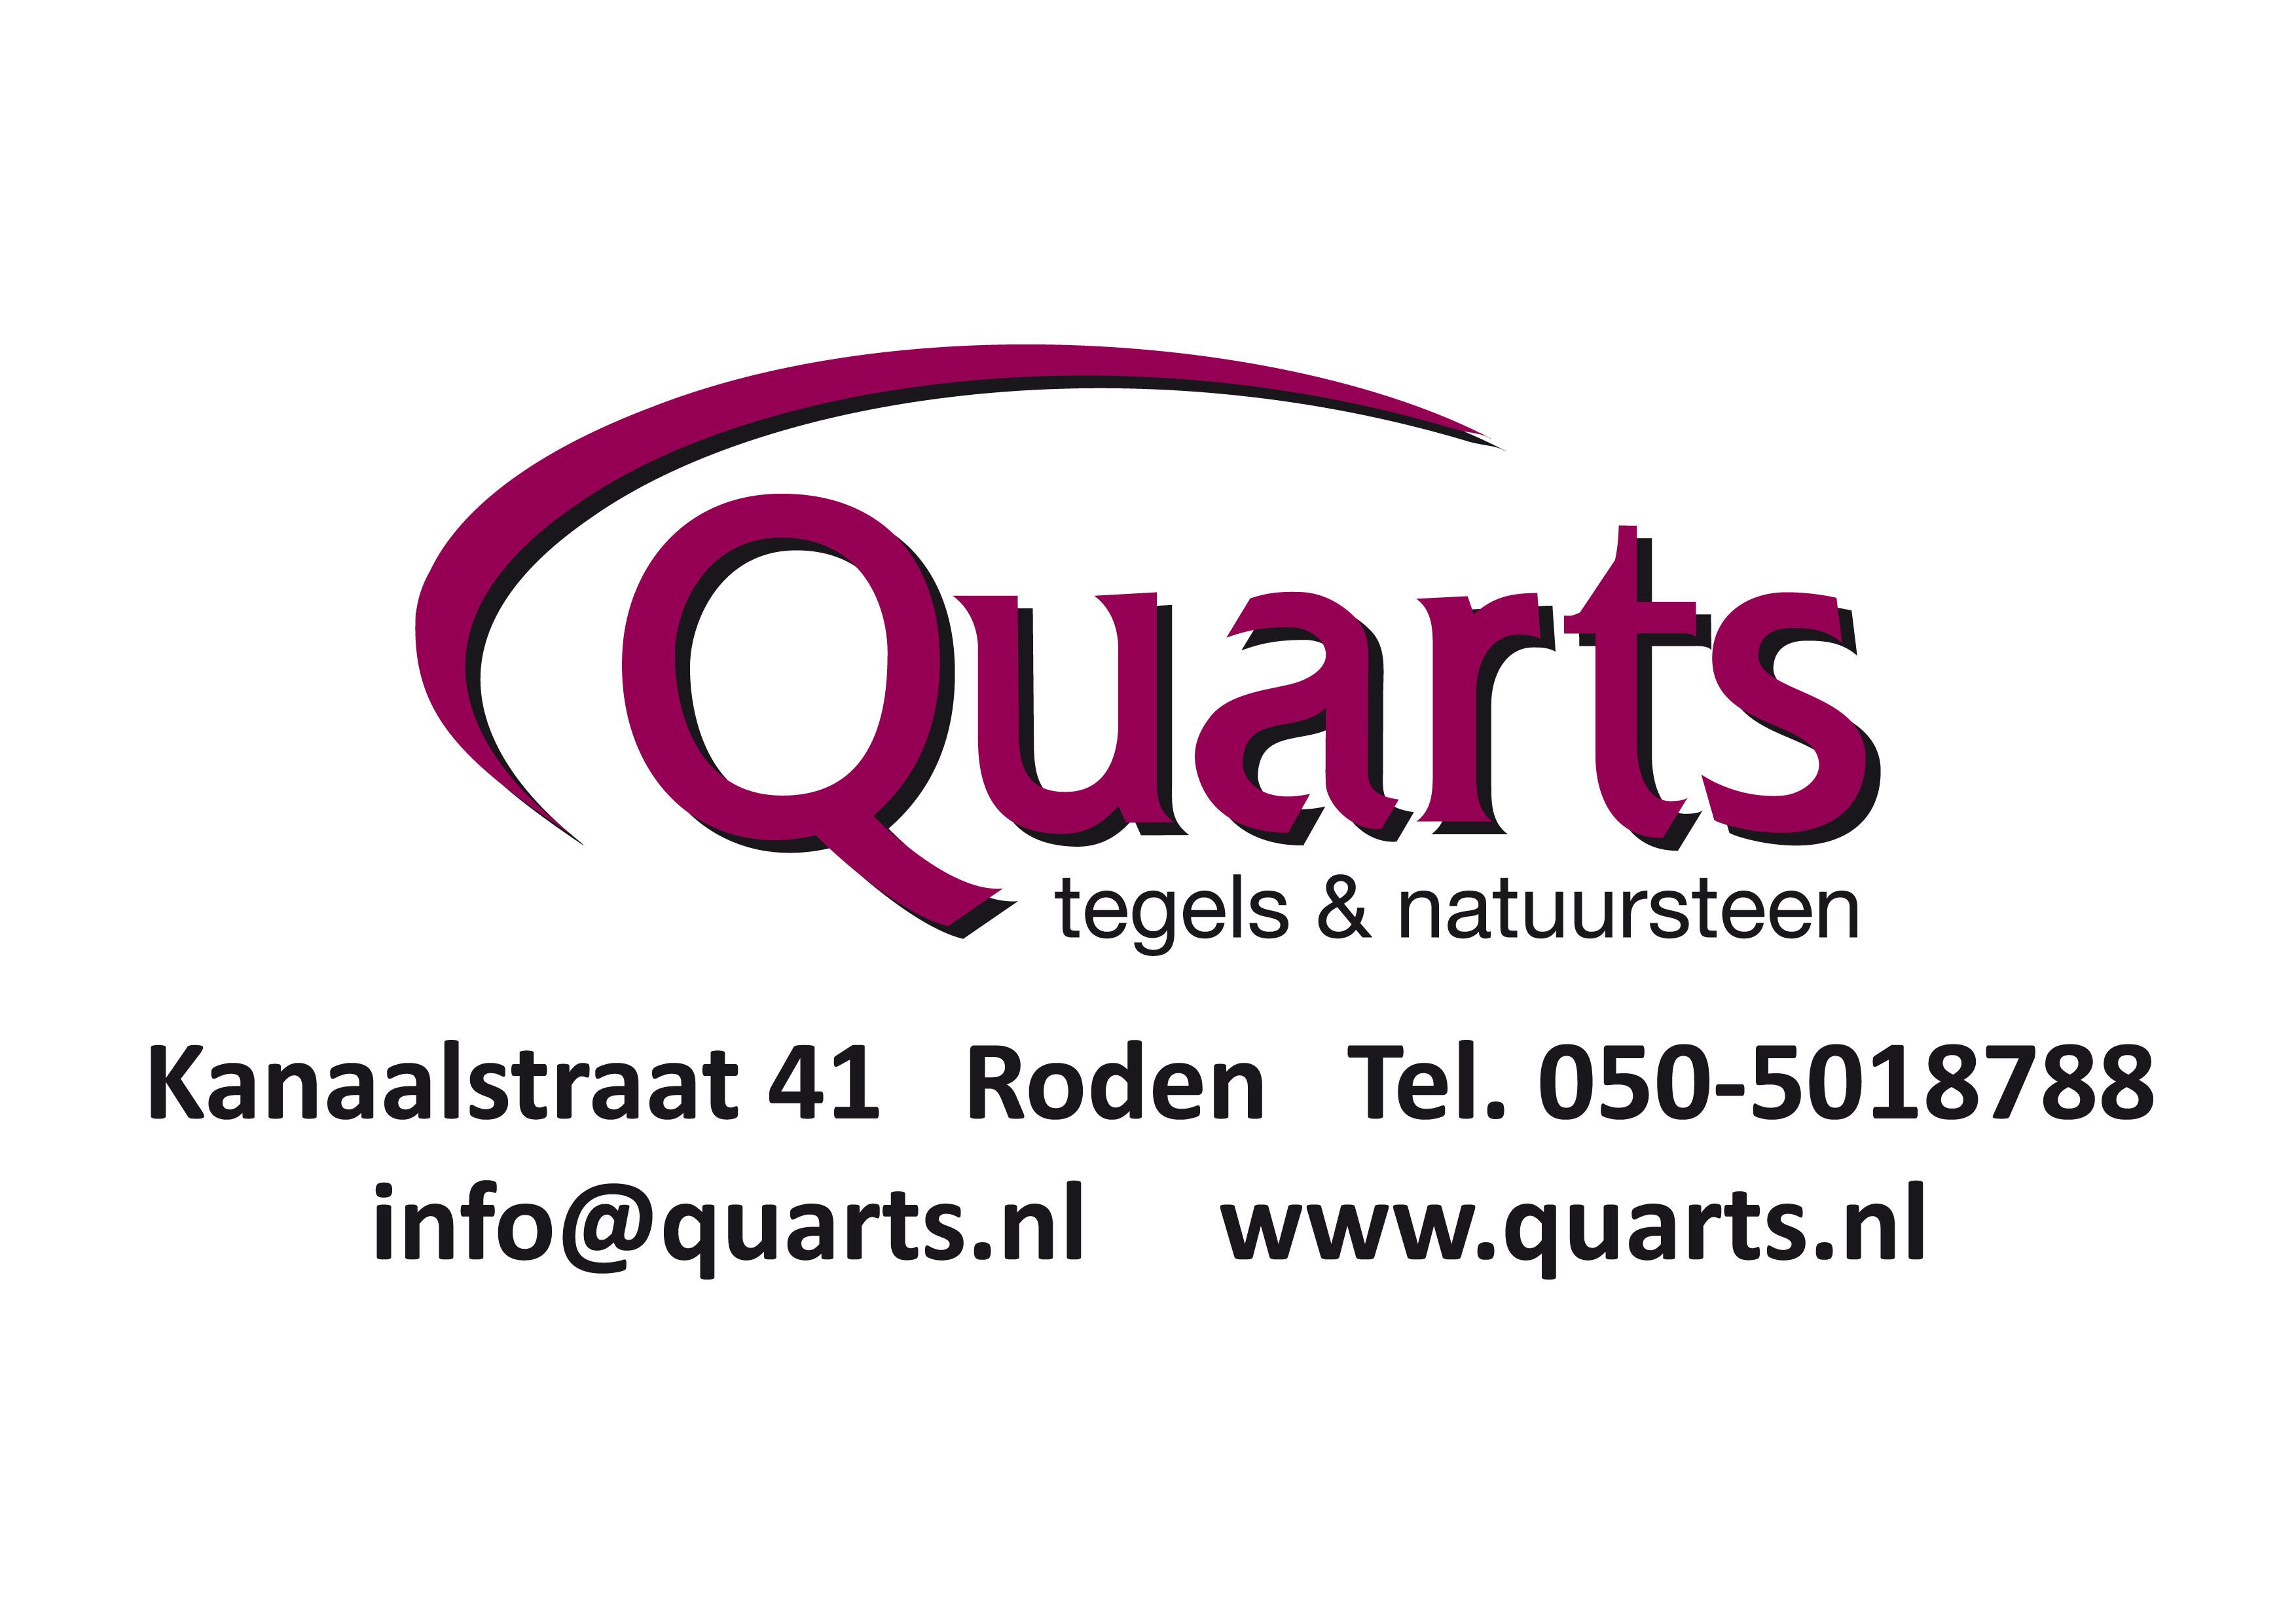 logo-quarts-2012.cdr